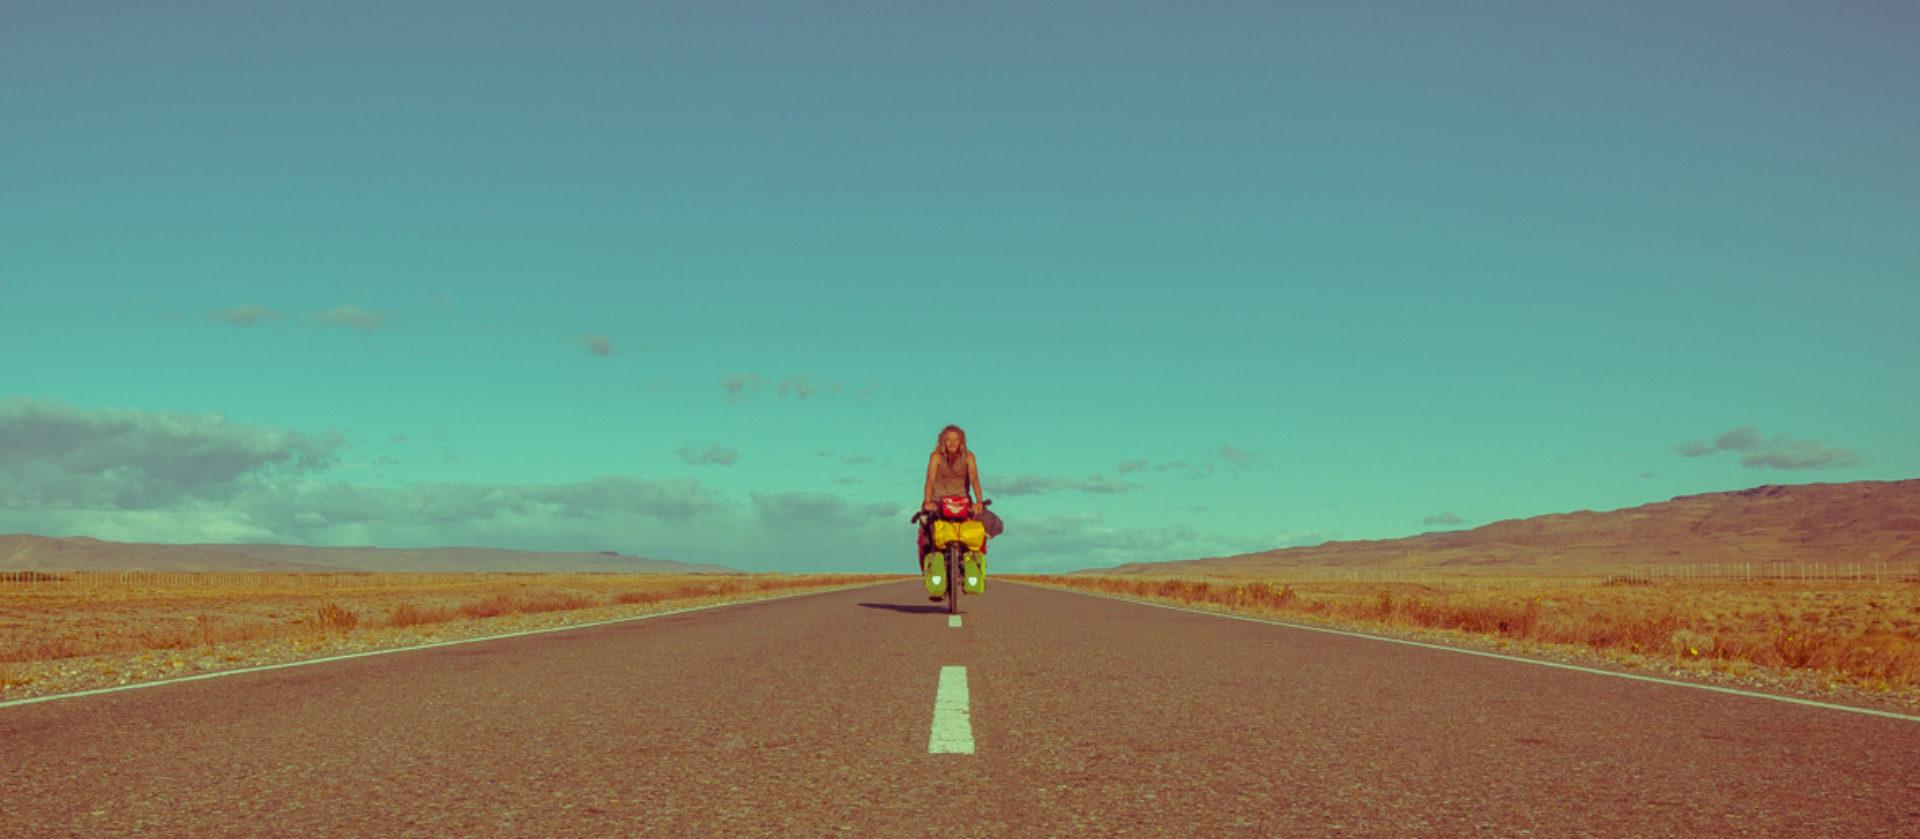 one man, one bike, one world